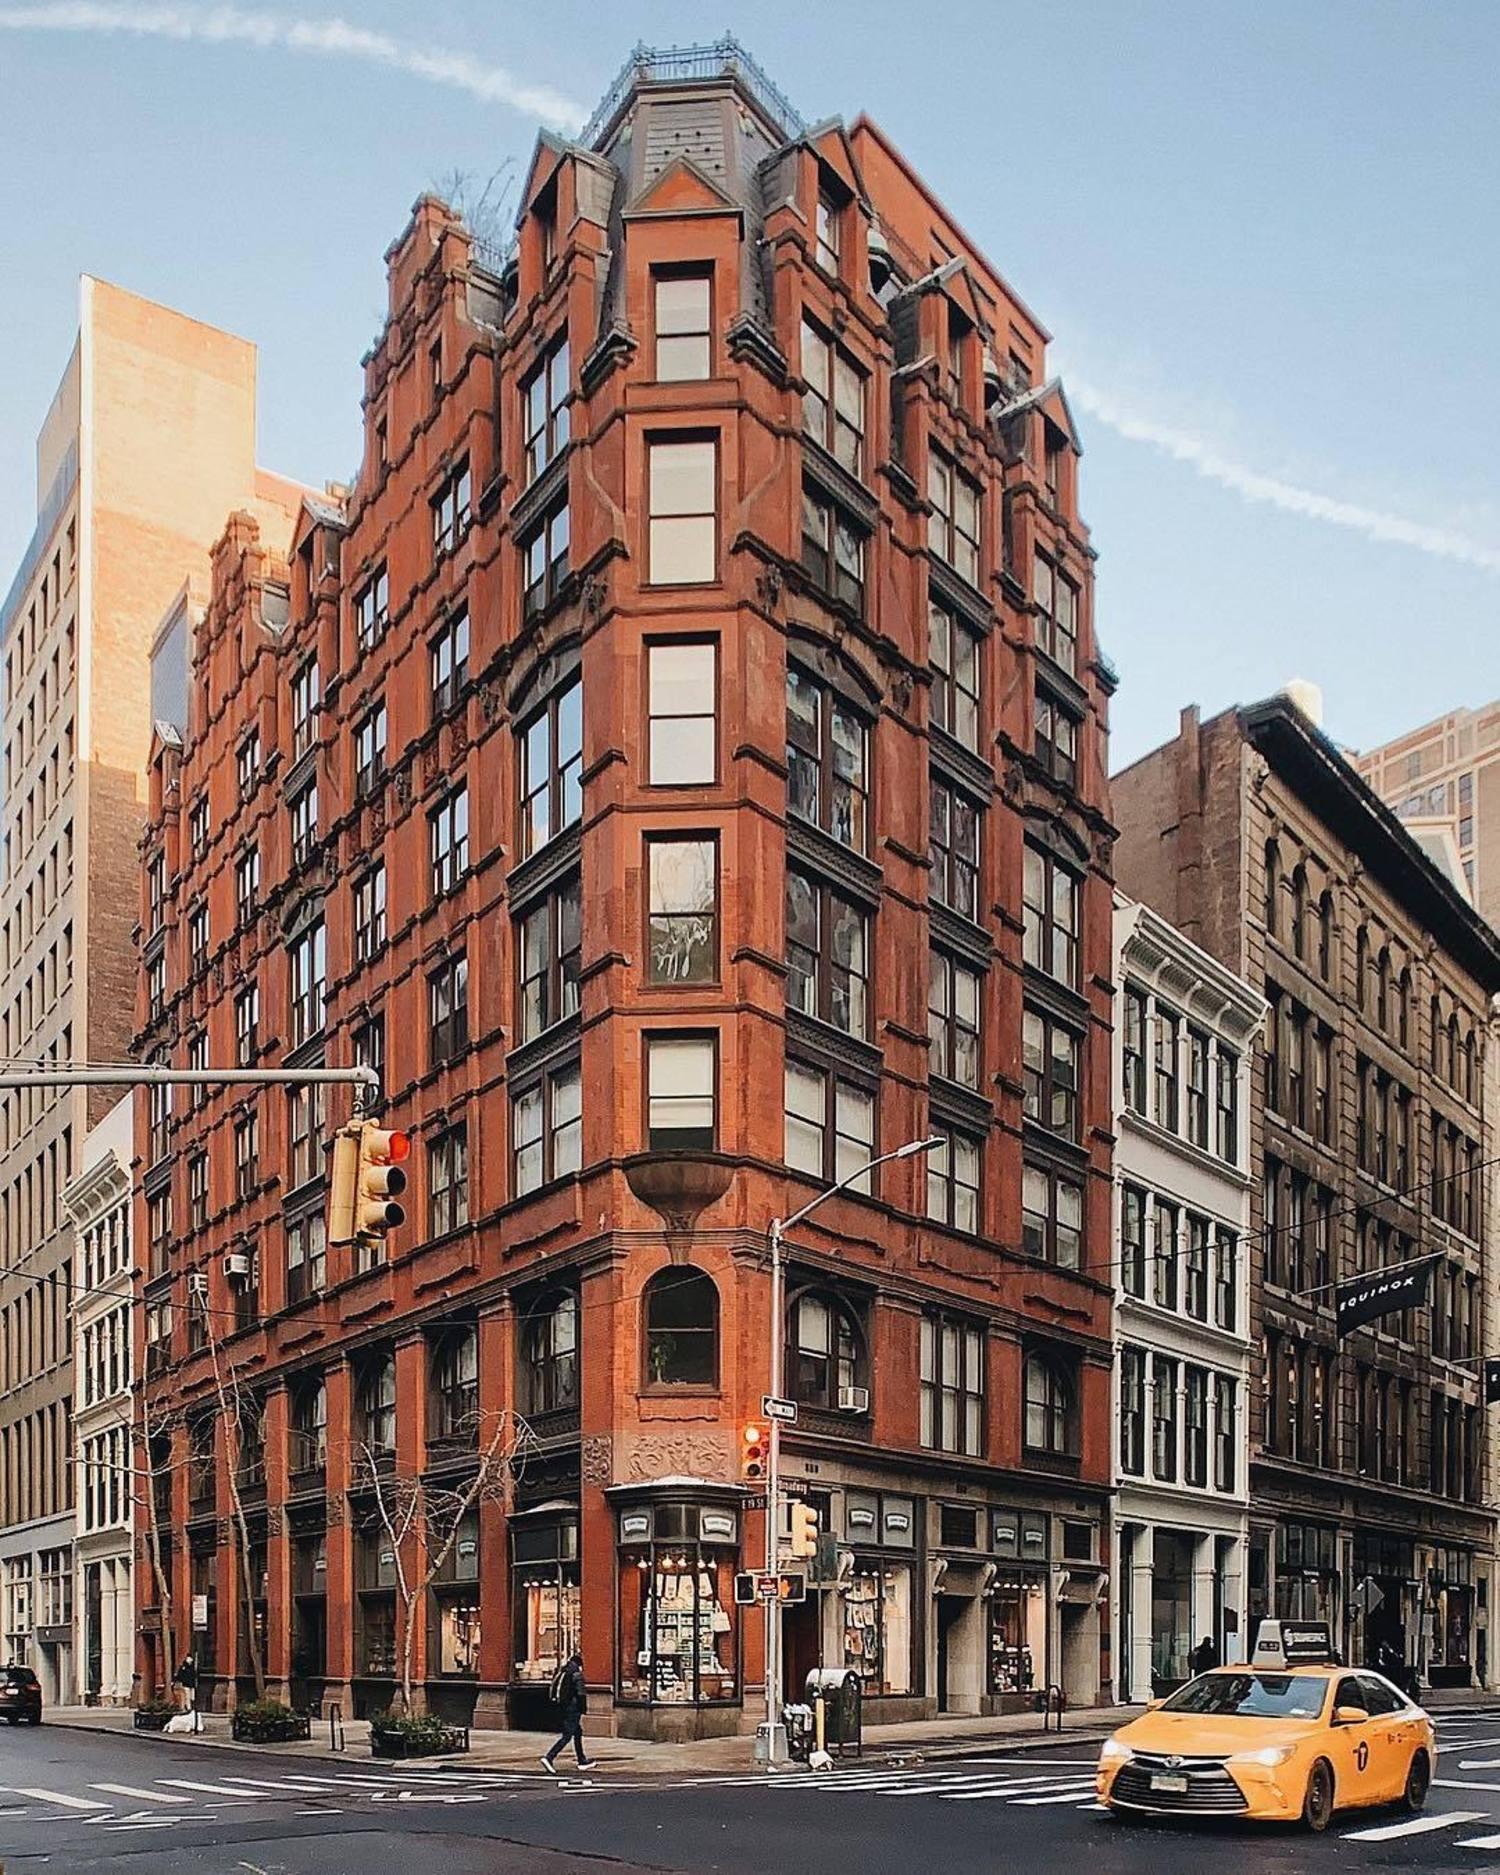 Gorham Building, Broadway and 19th St, Manhattan